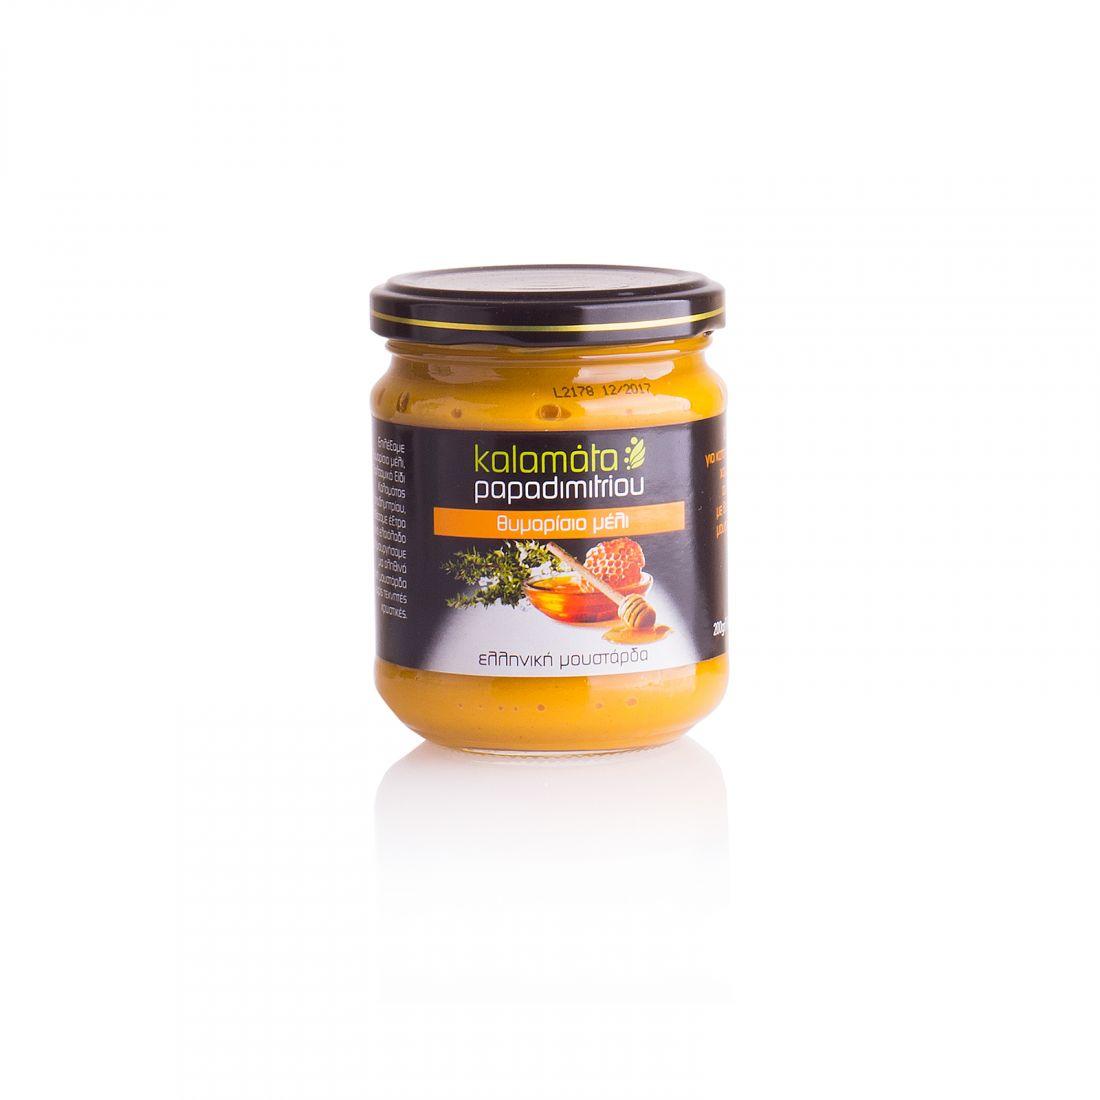 Горчица с медом тимьяна Kalamata Papadimitriou - 200 гр - в стекле